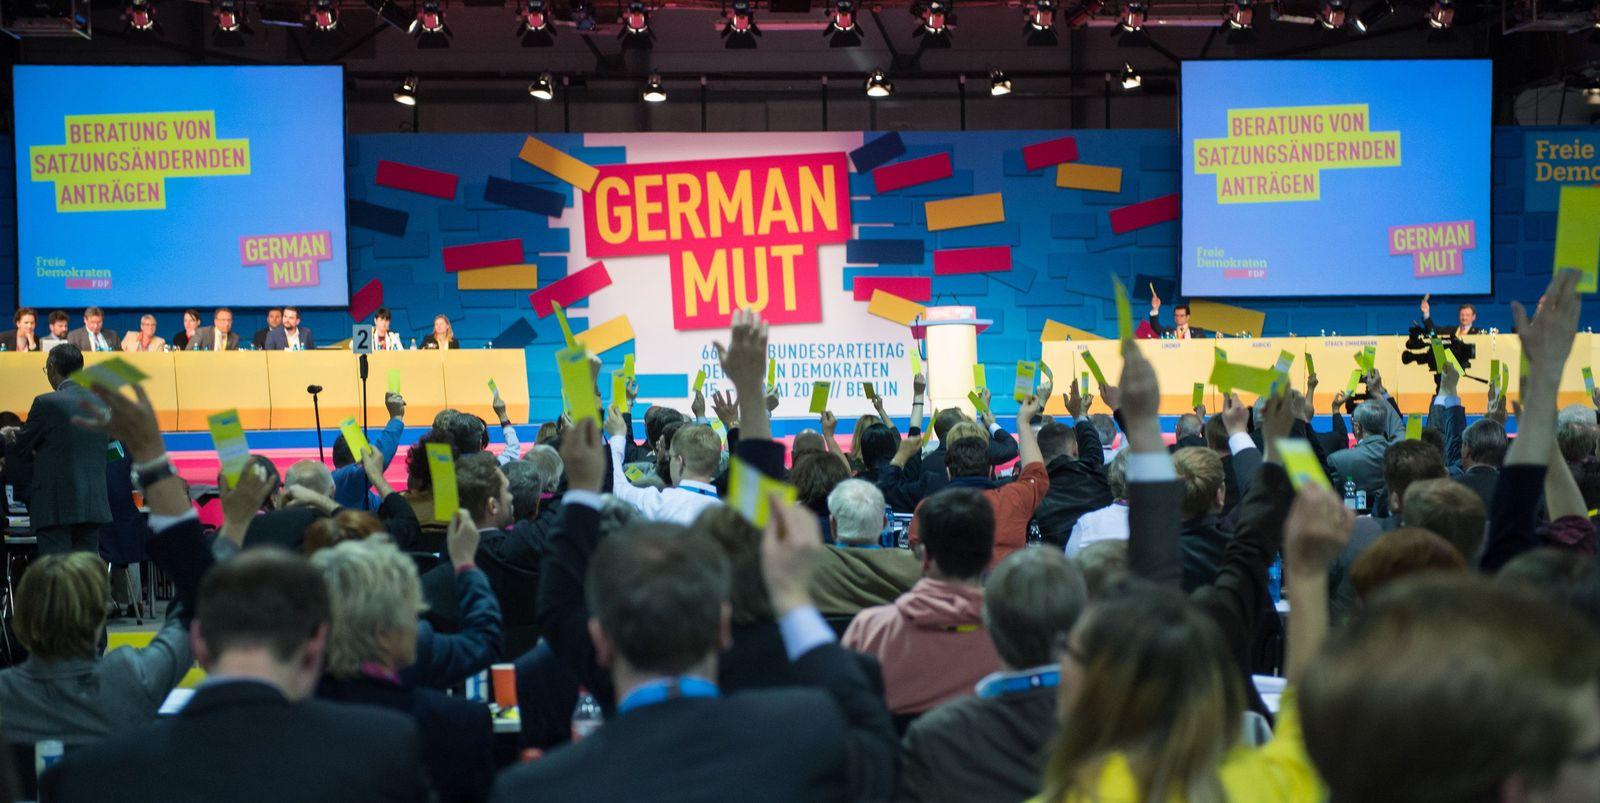 FDP-Bundesparteitag/ Abstimmung